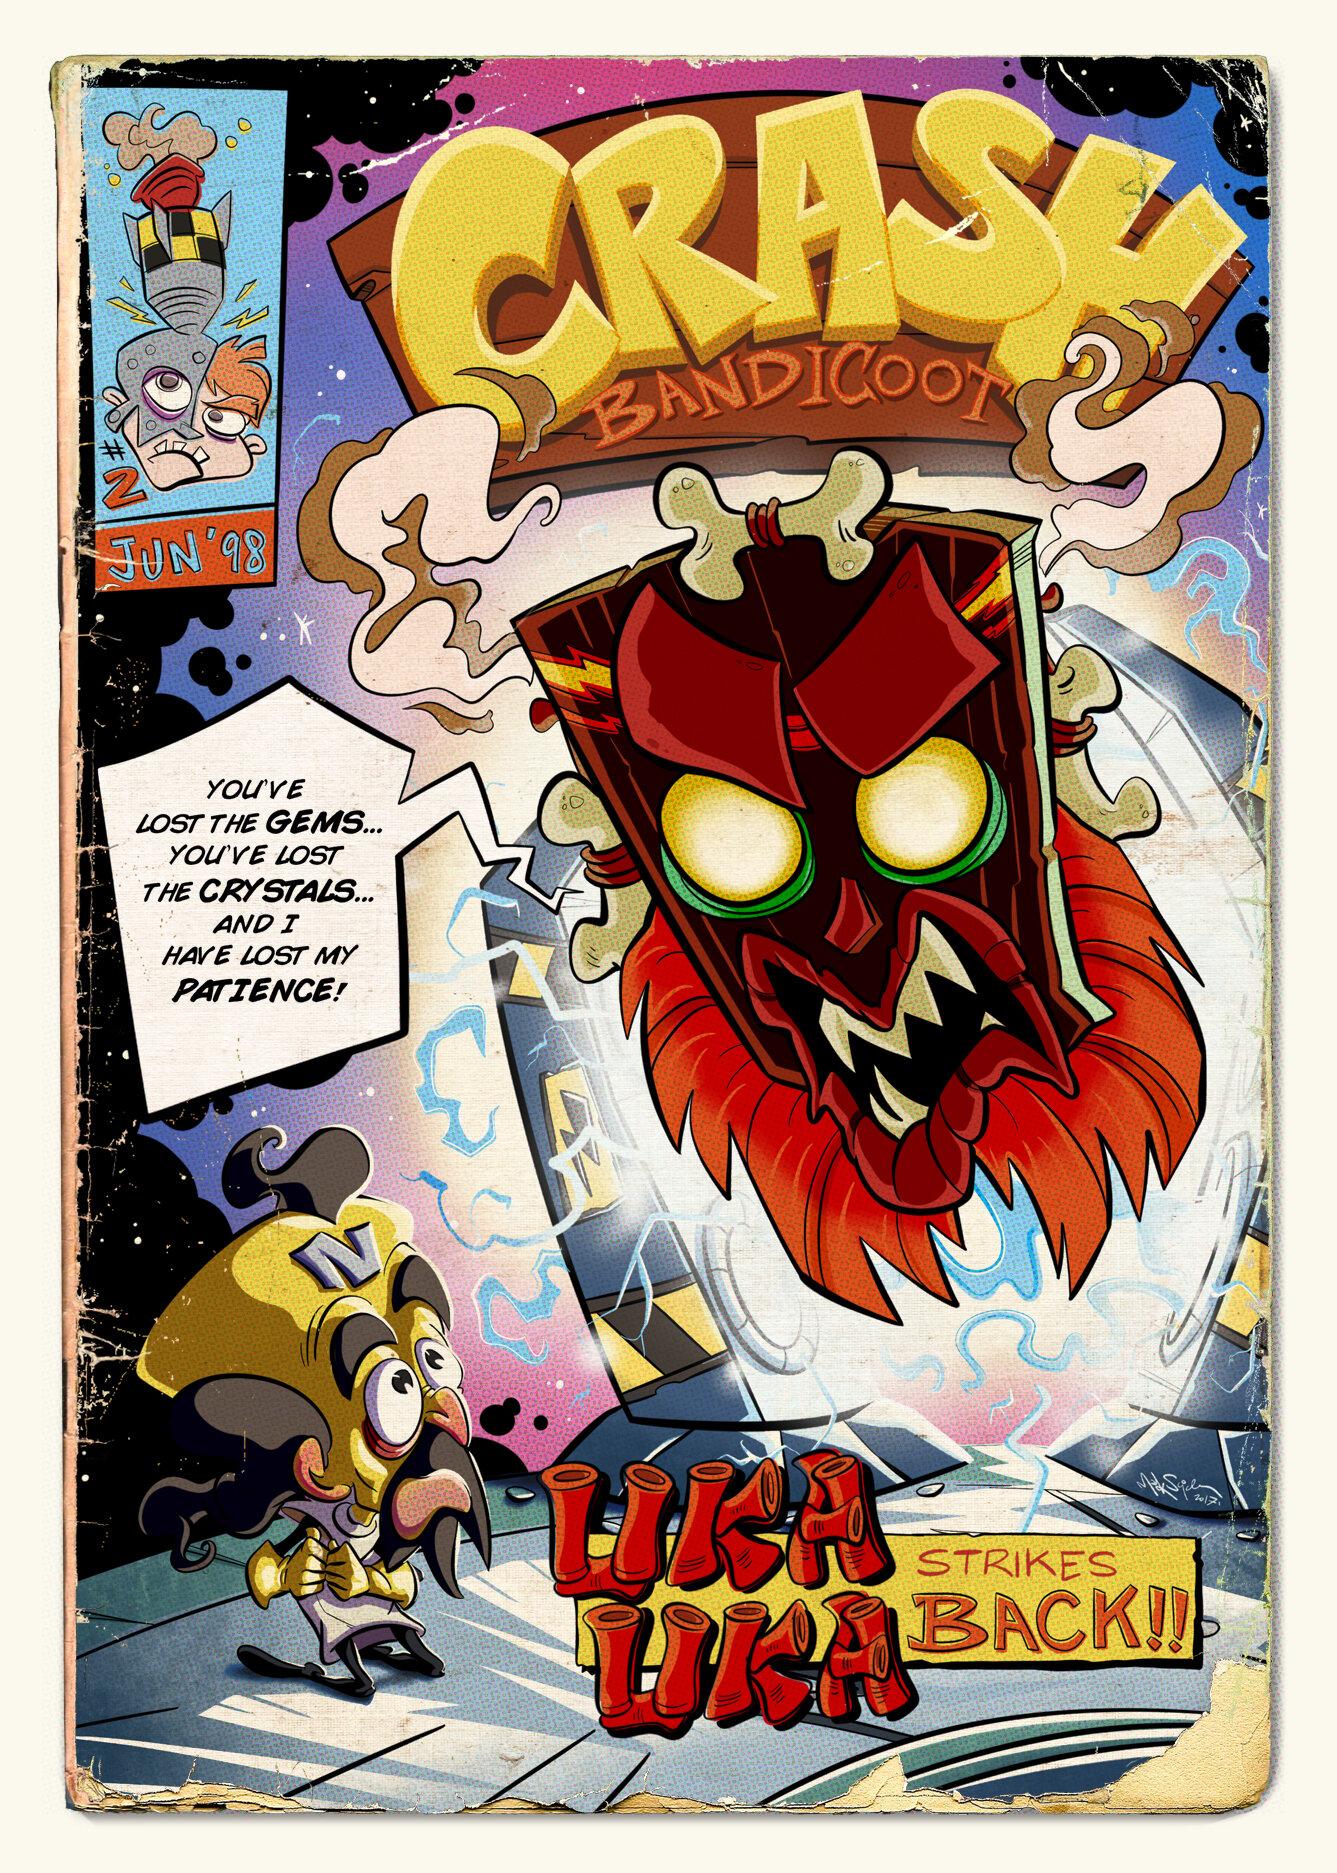 Artista recria icônicos momentos de jogos em capas de HQs antigas